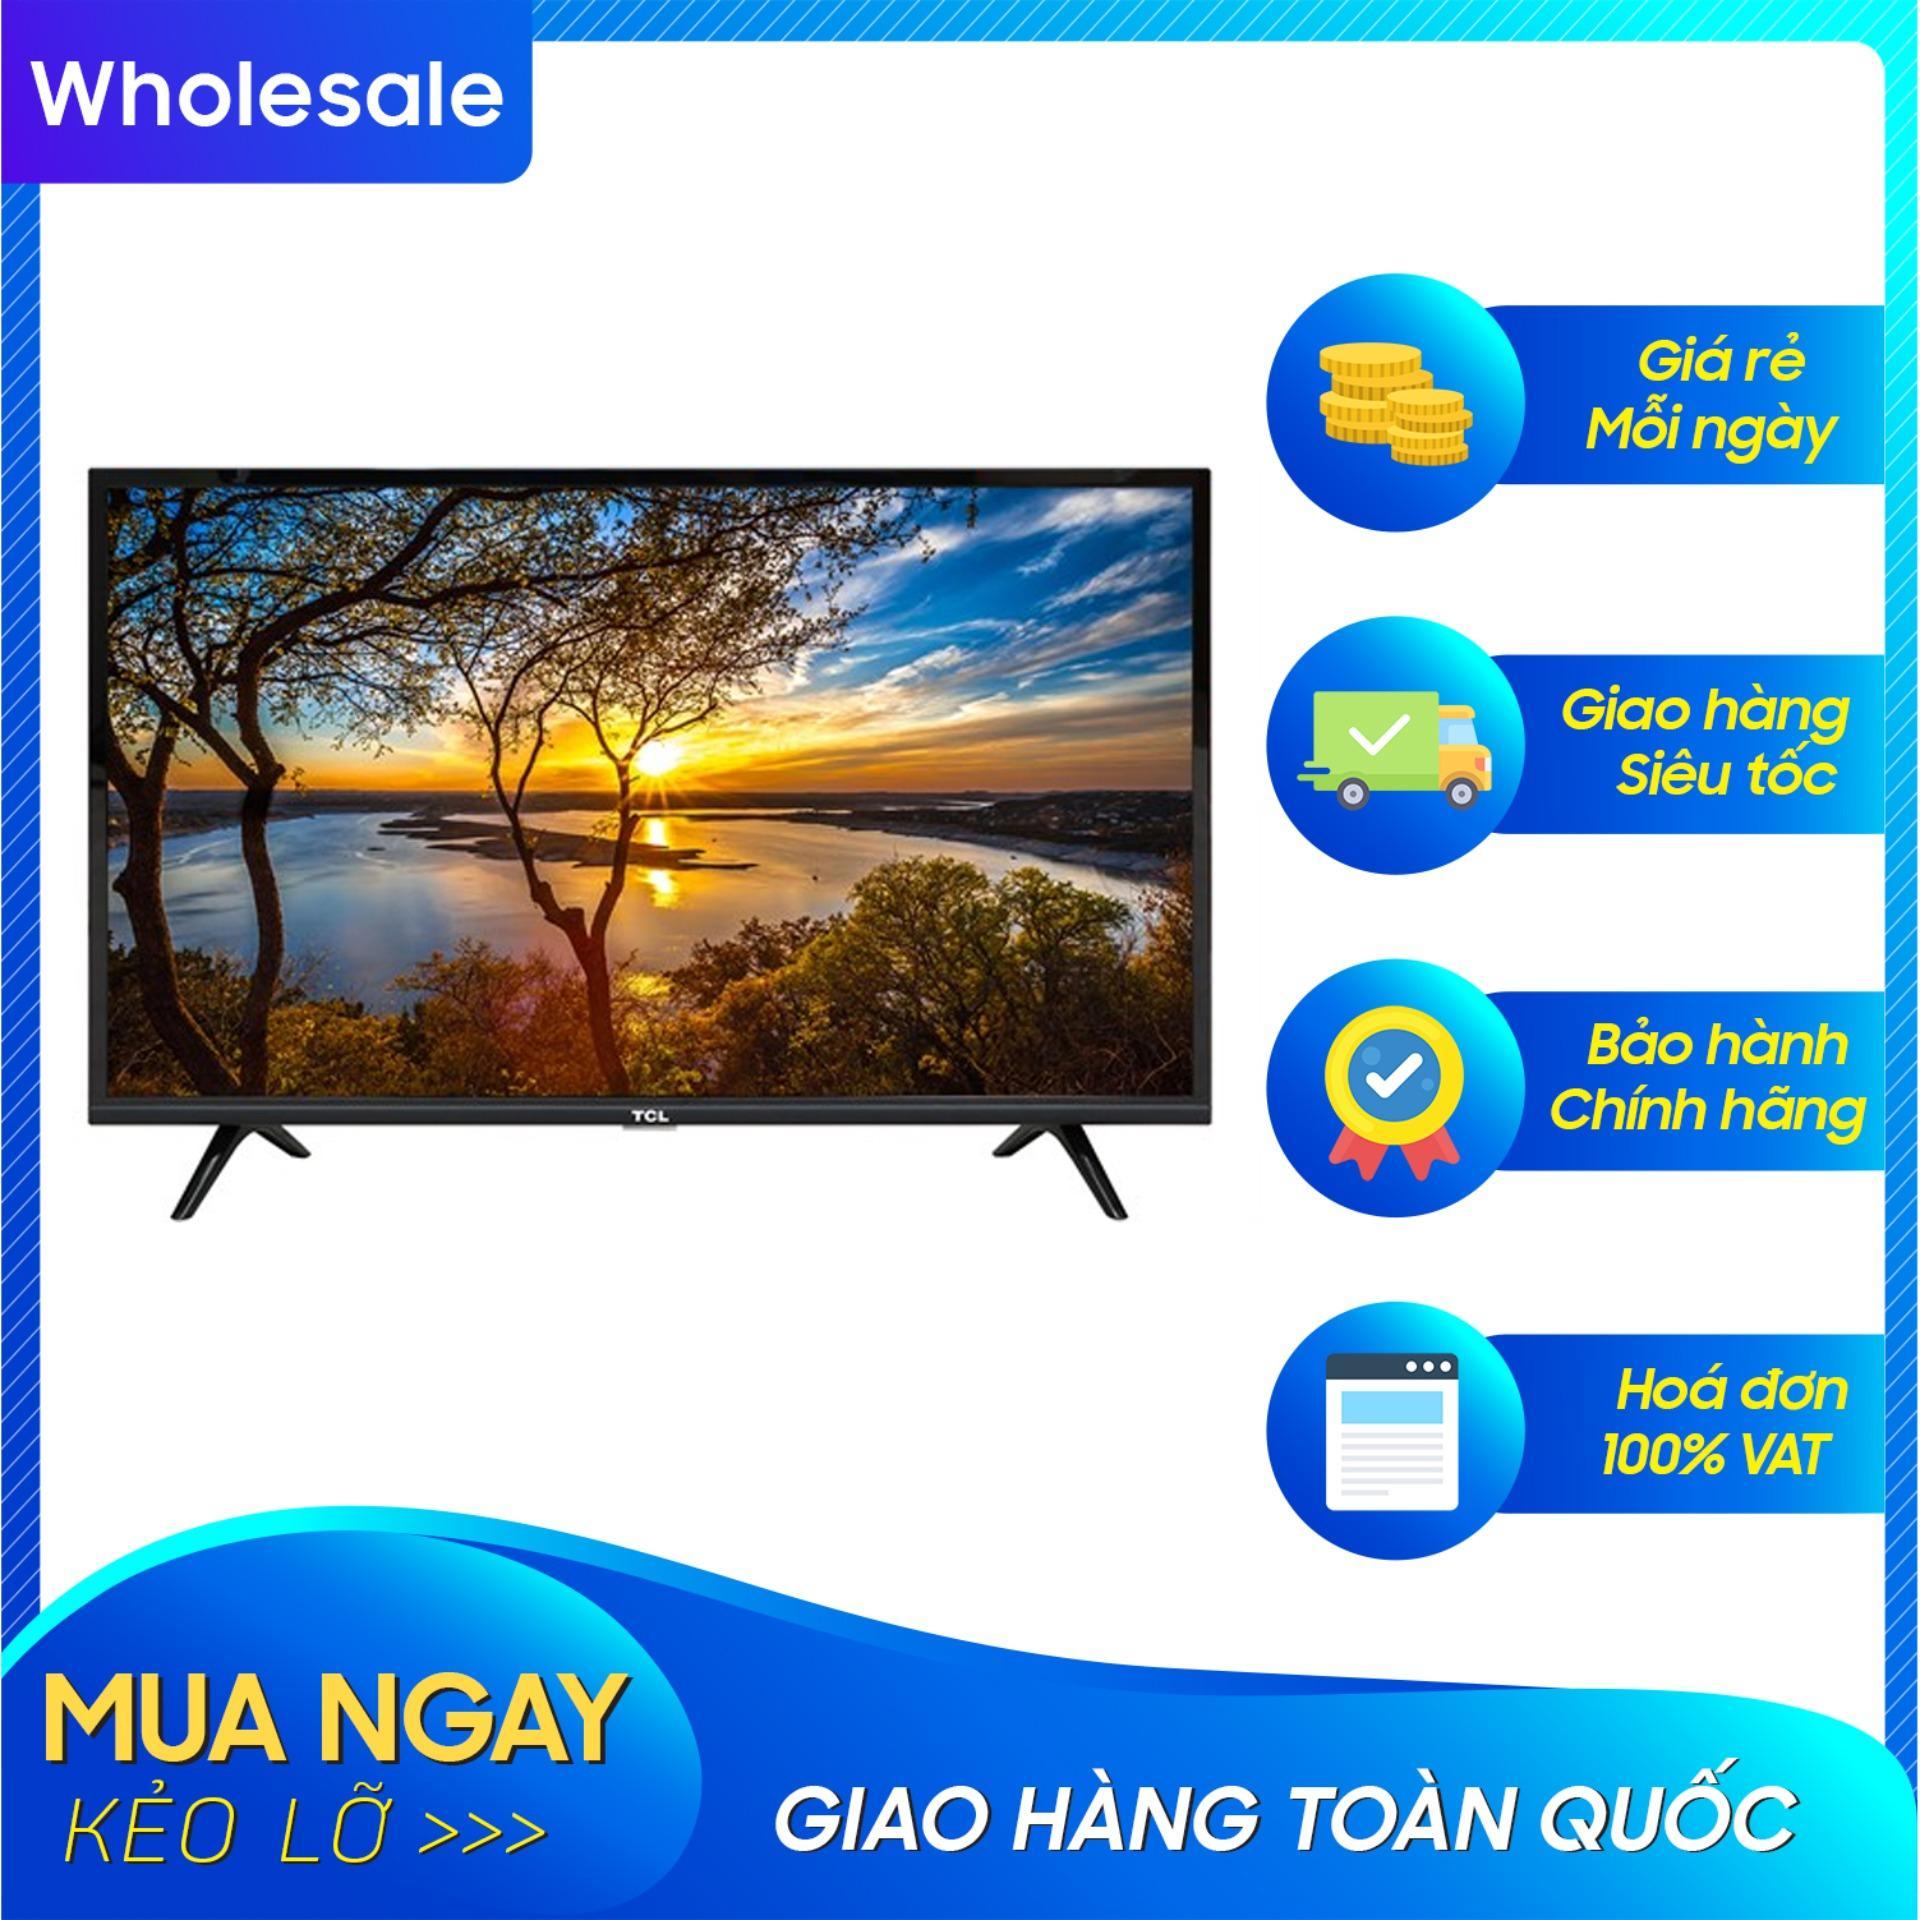 Bảng giá Smart Tivi TCL 32 inch L32S6300 (2019) - Hệ điều hành : TV+ OS, Công nghệ hình ảnh : Micro Dimming, Chế độ Thể thao (Sport Mode), Công nghệ ánh sáng tự nhiên thế hệ II